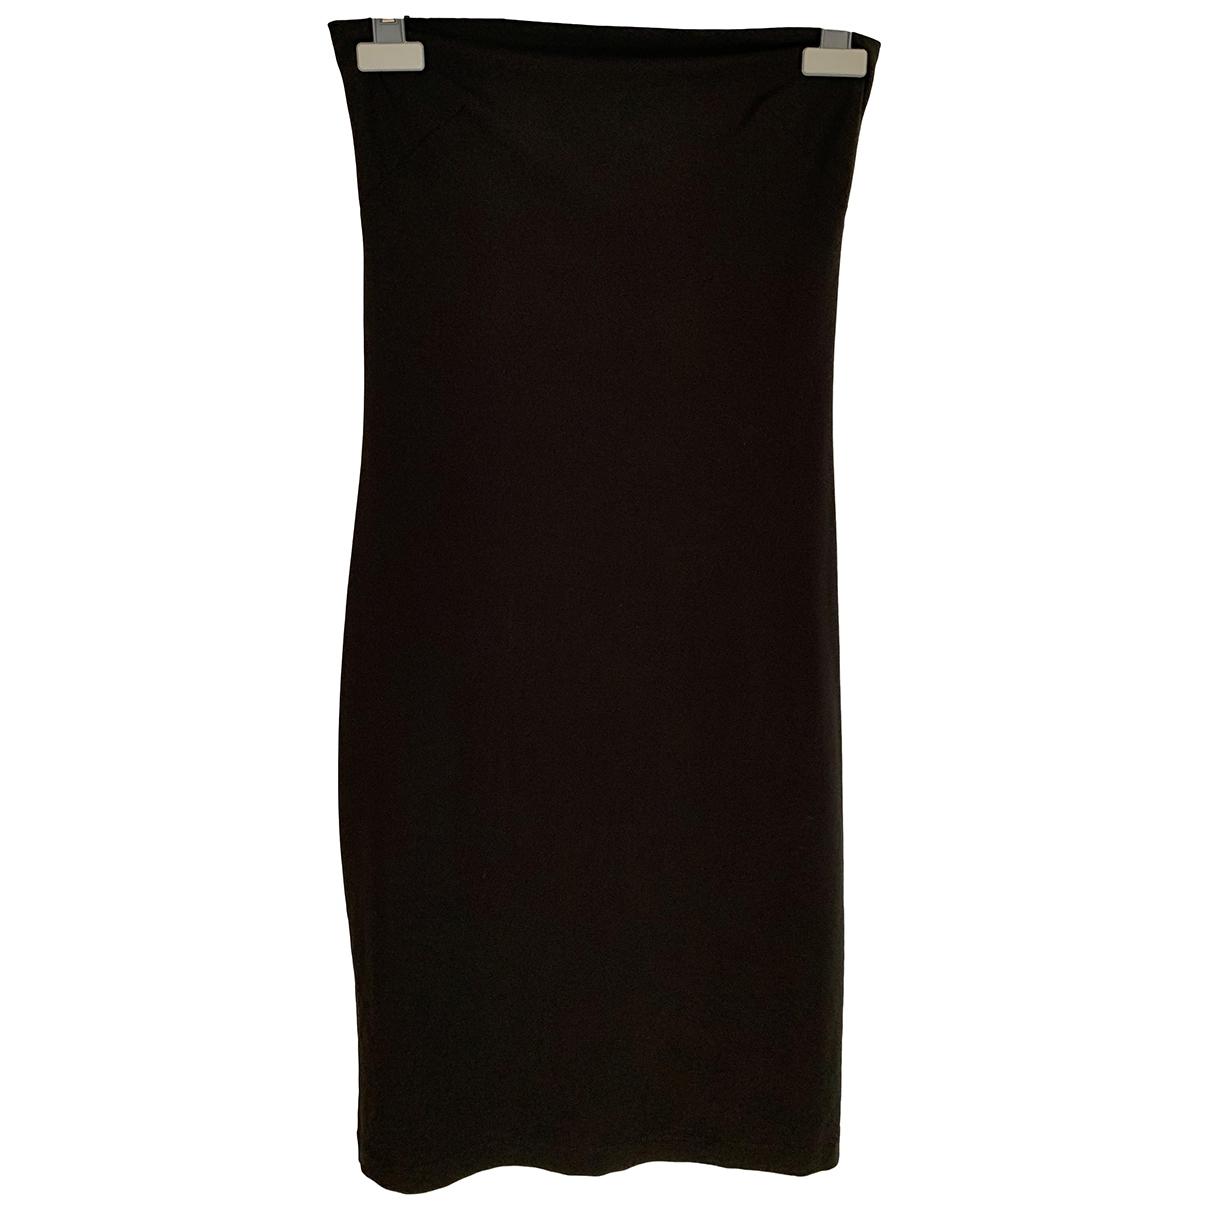 Plein Sud \N Kleid in  Schwarz Polyester